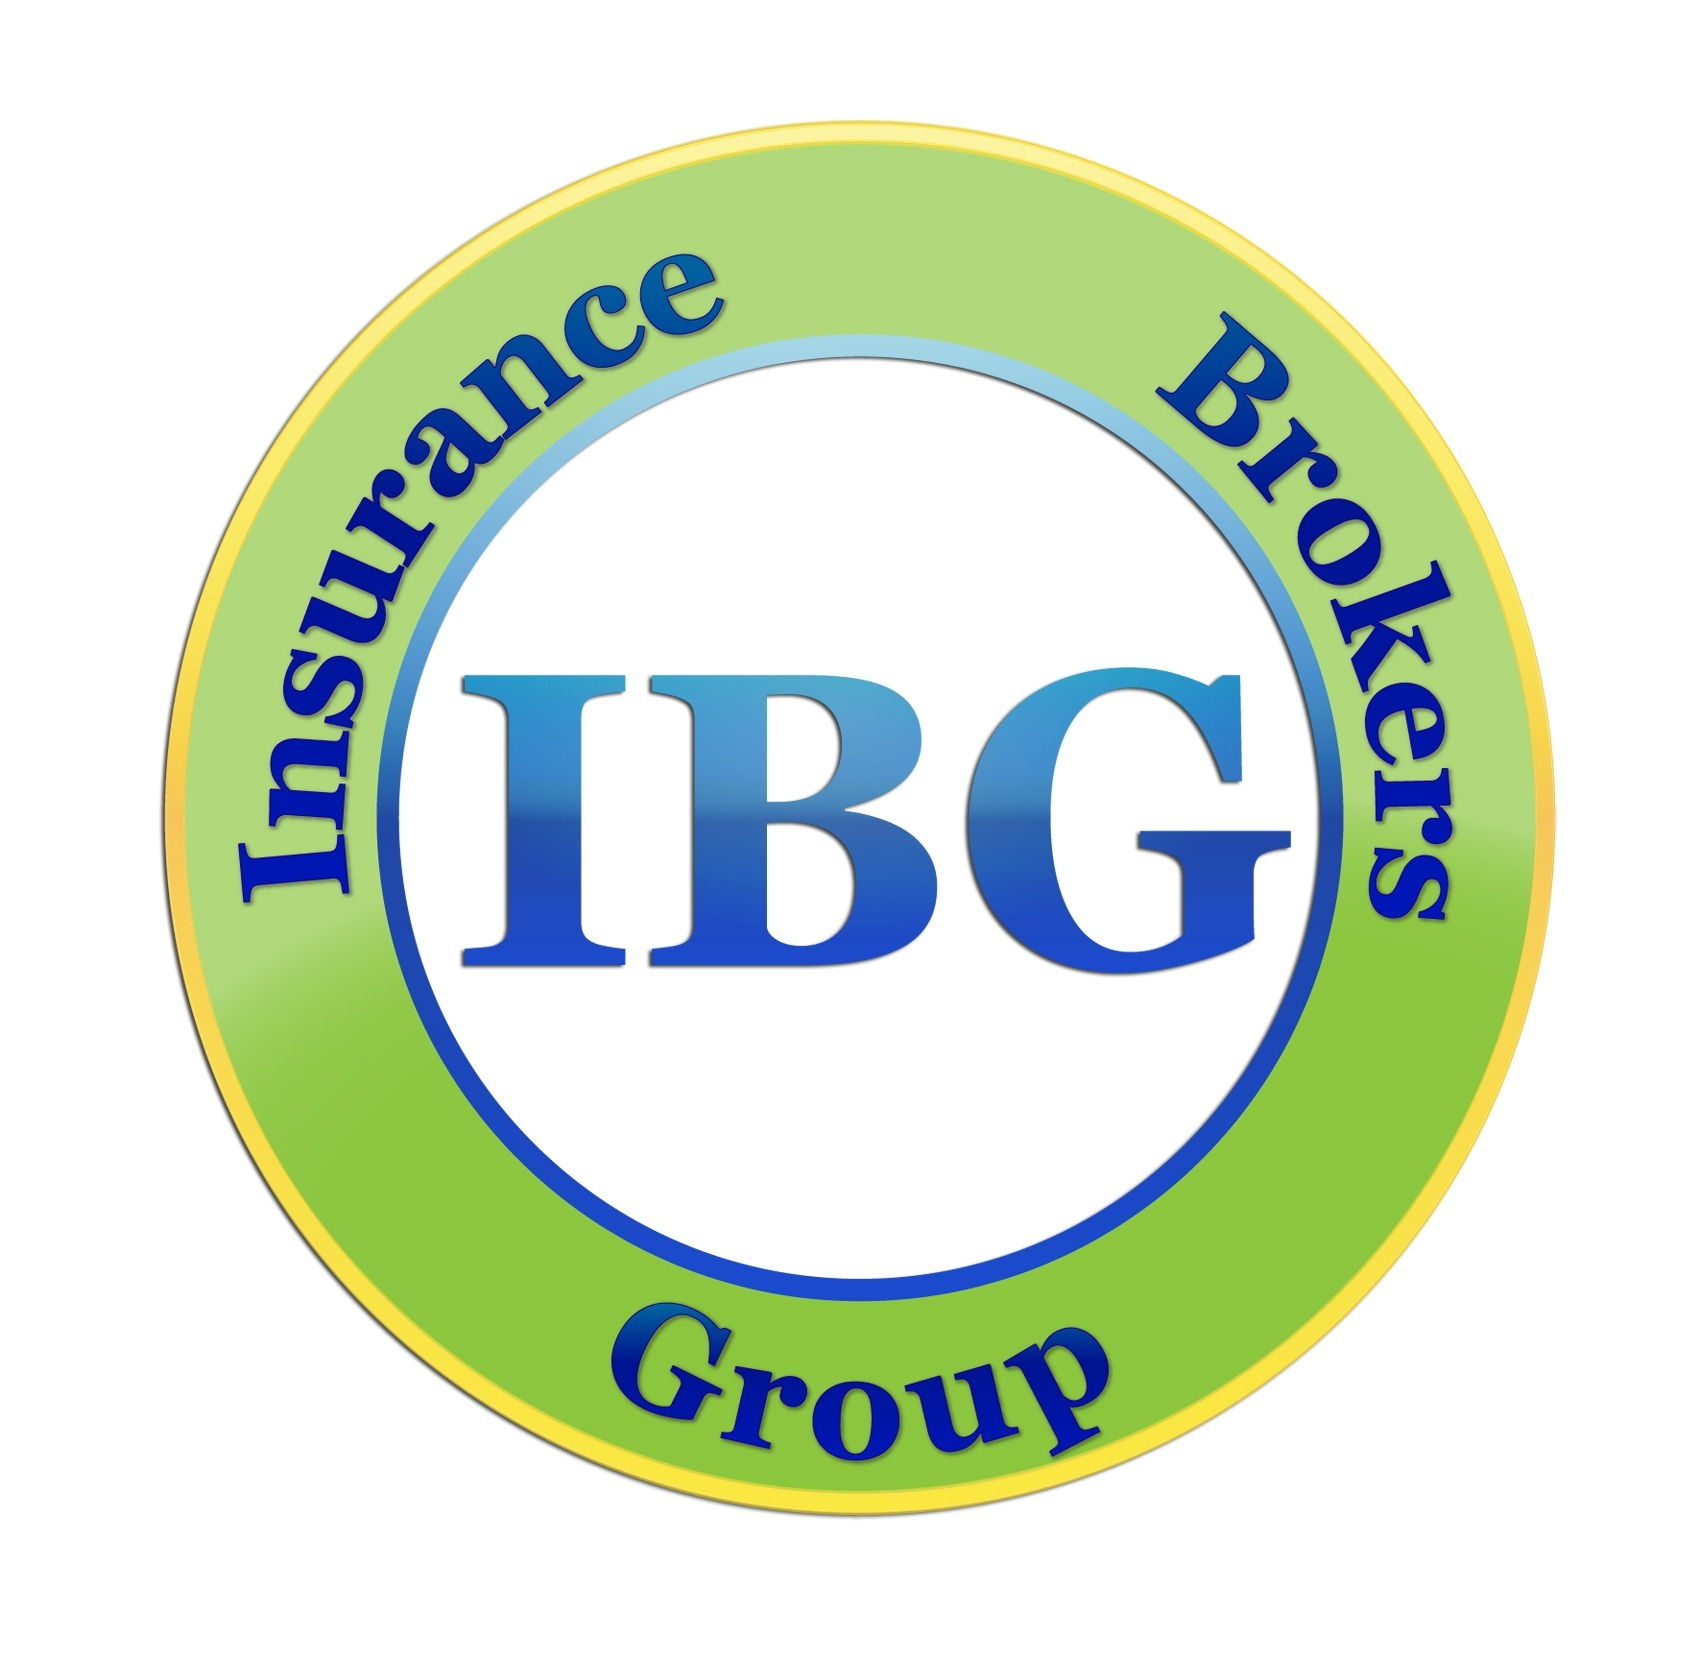 Insurance Broker Group